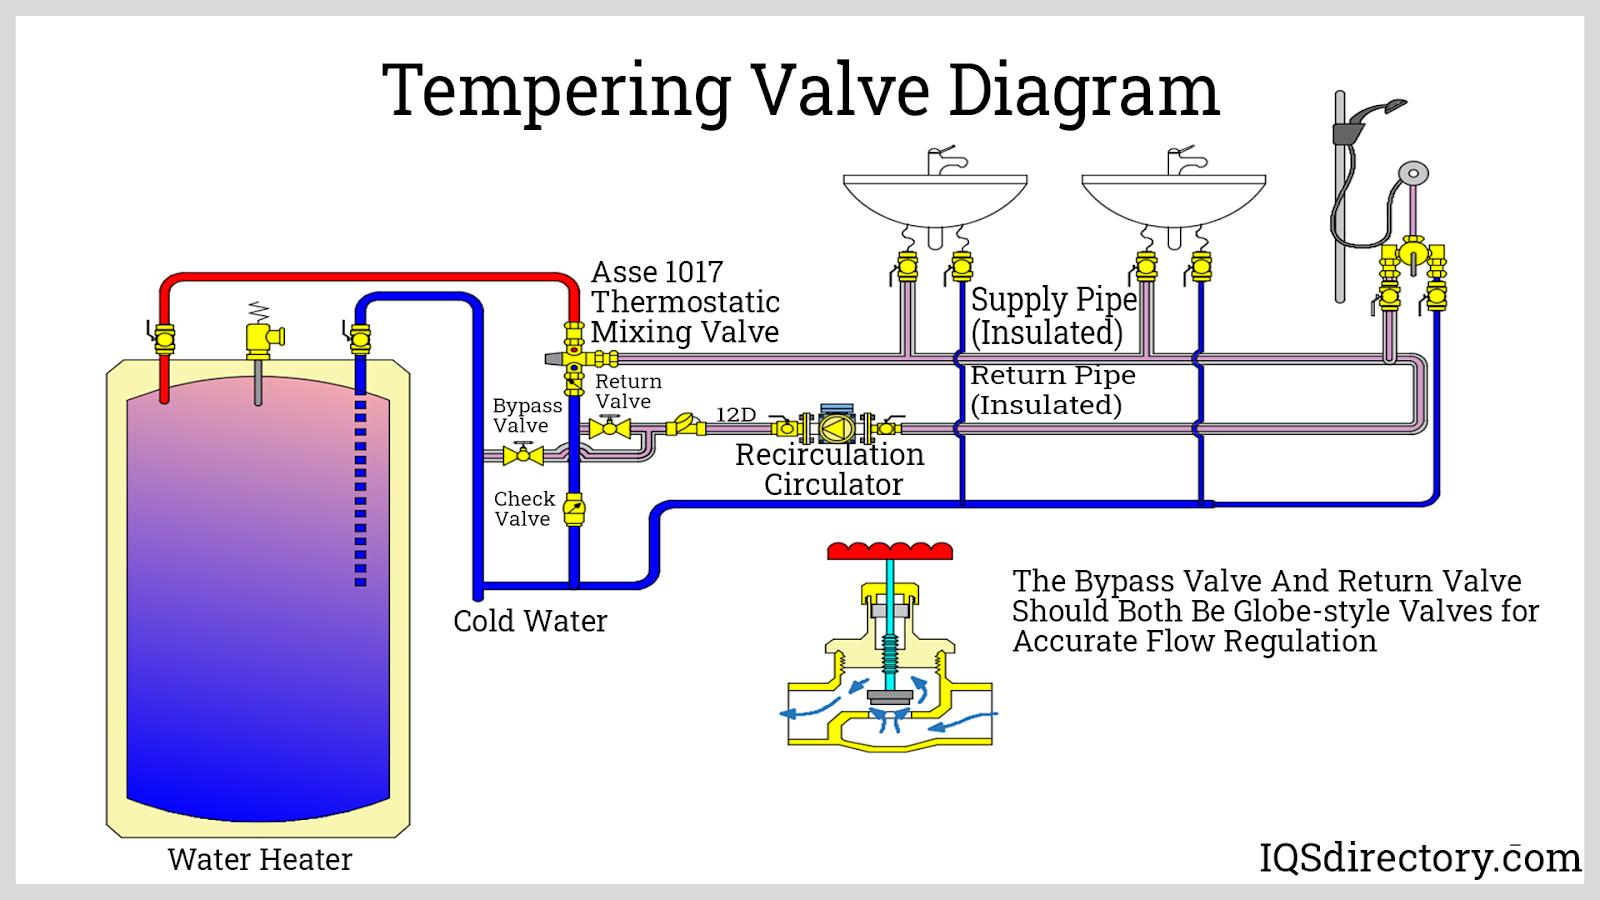 Tempering Valve Diagram